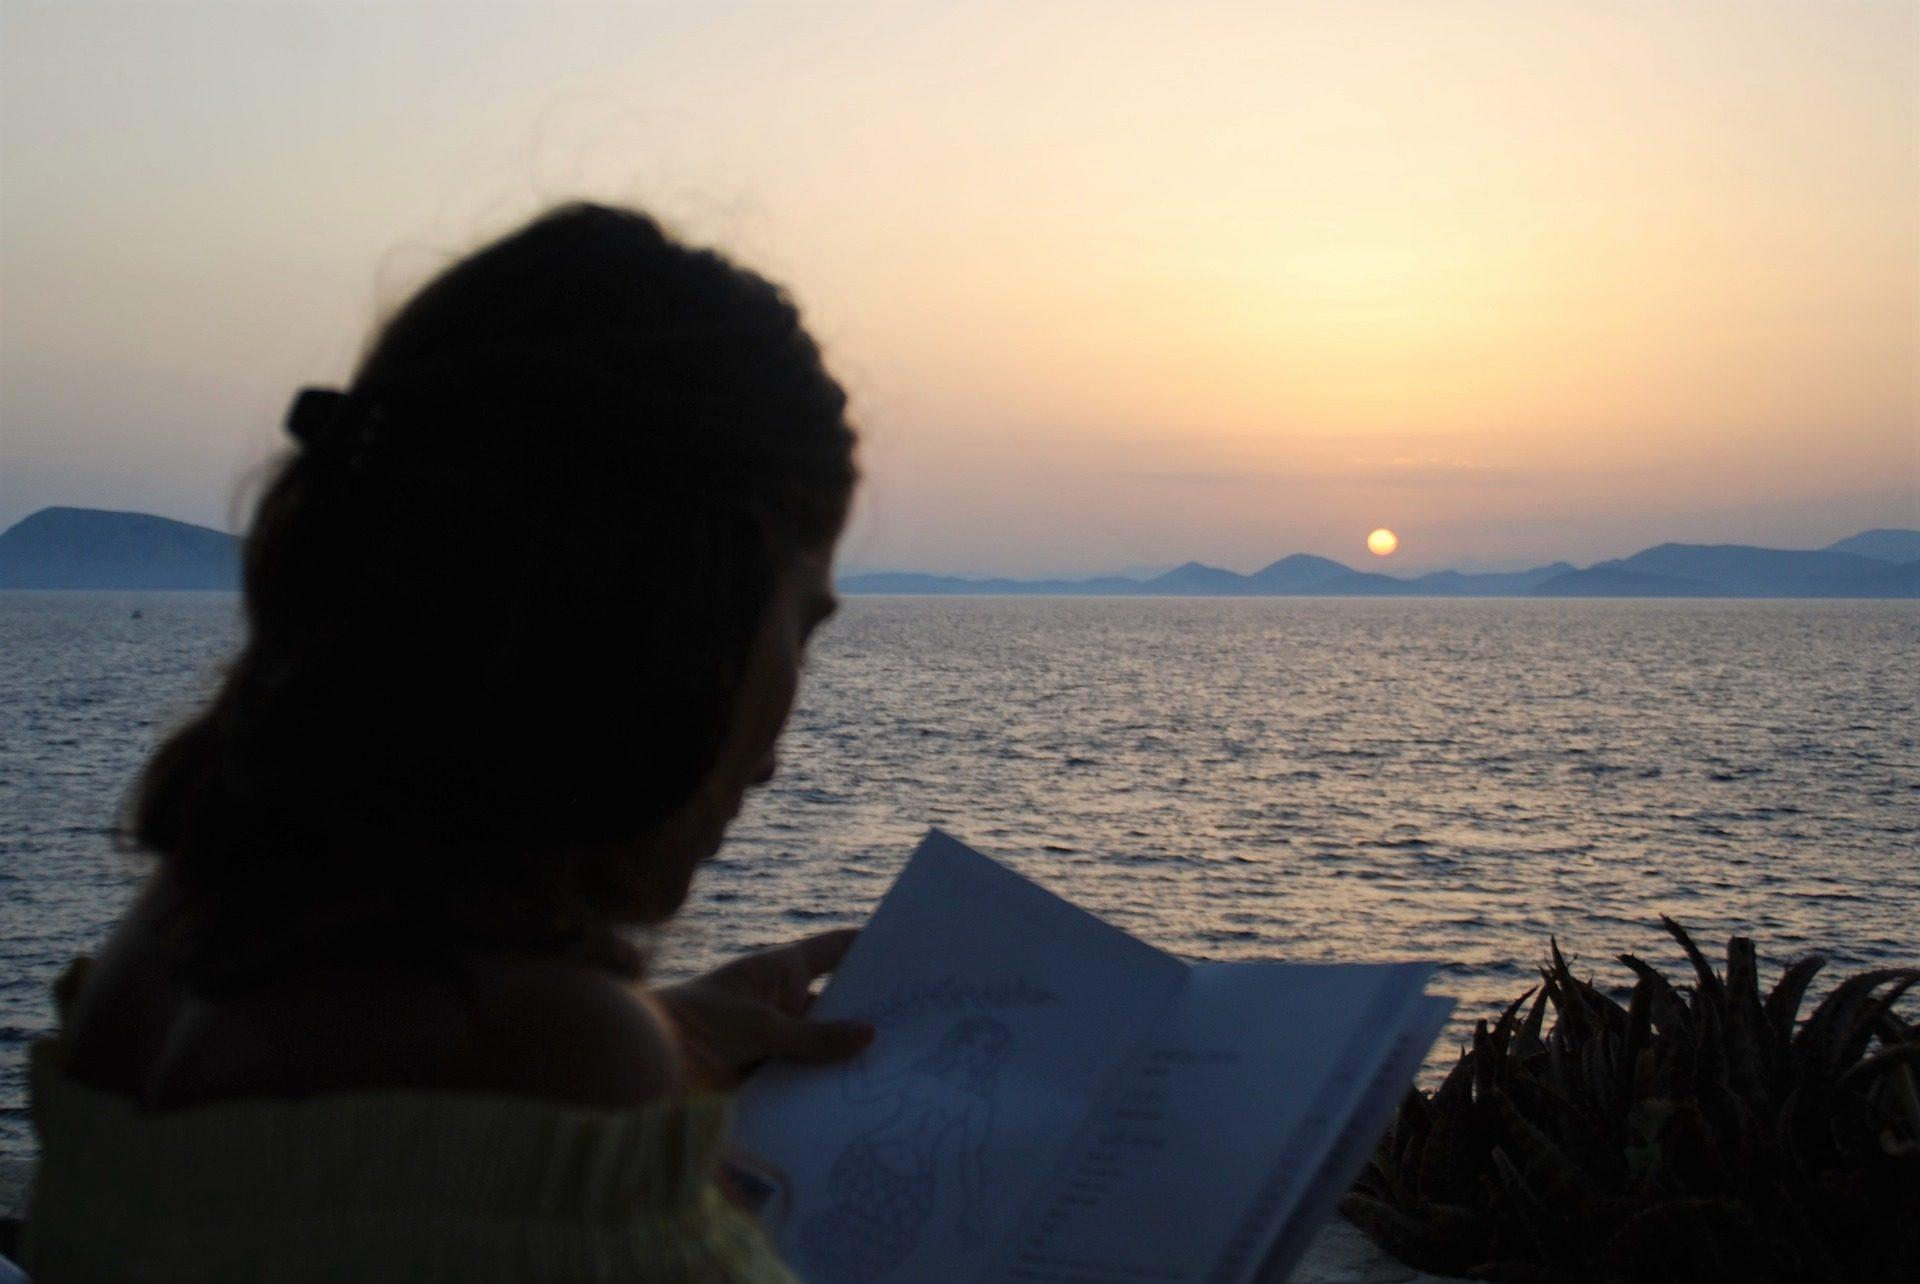 donna, Libro, lettura, Tramonto, Mare, orizzonte - Sfondi HD - Professor-falken.com